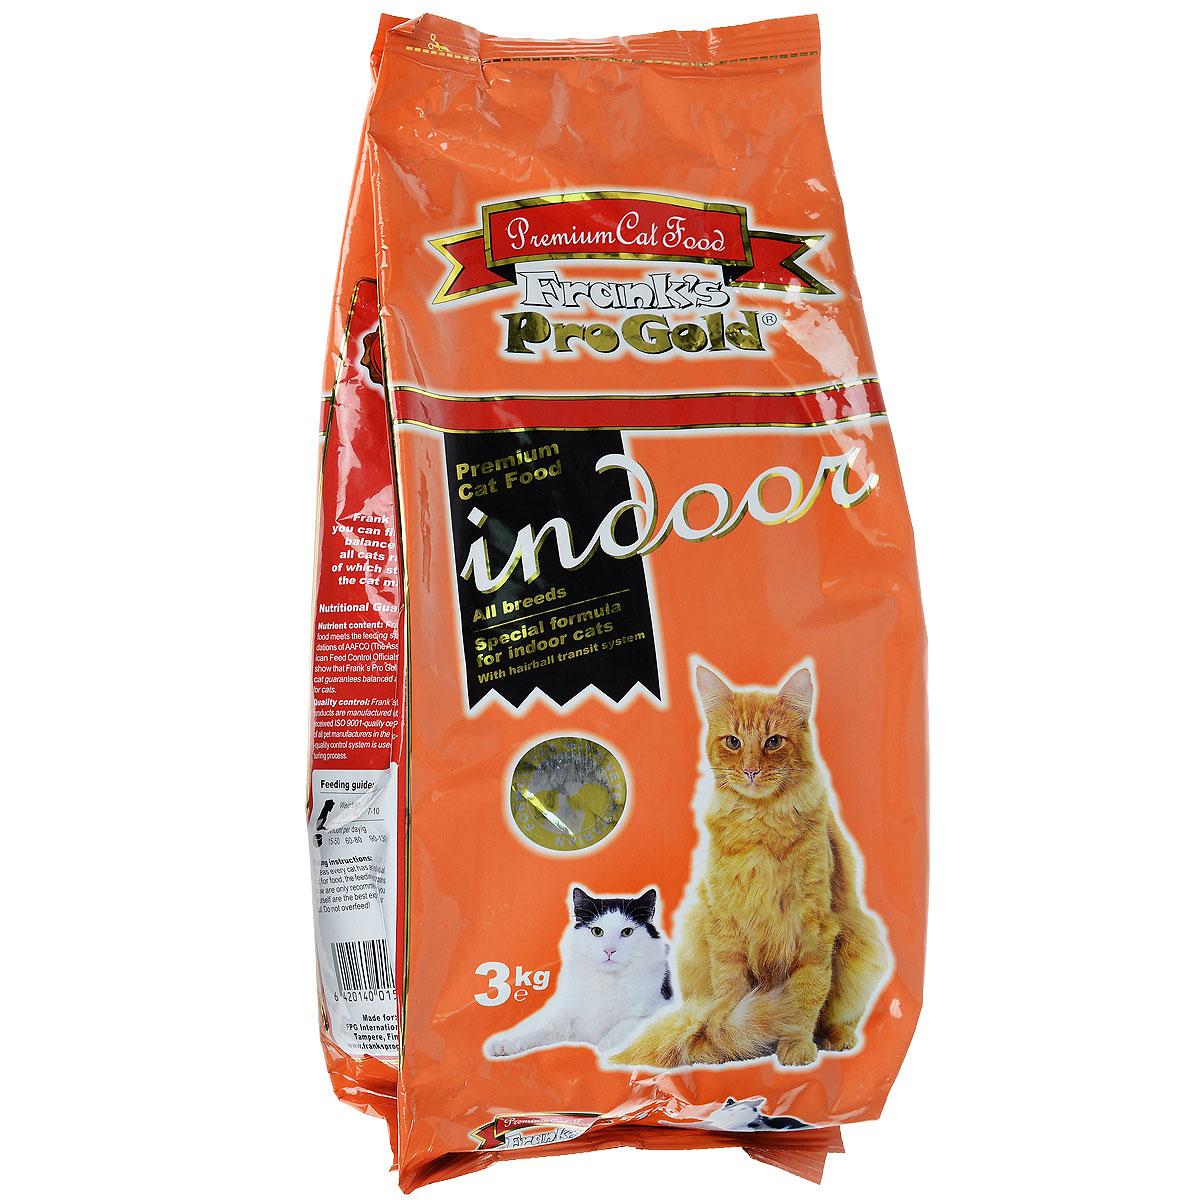 Корм сухой Franks ProGold для домашних и кастрированных кошек, 3 кг0120710Сухой корм Franks ProGold - это полноценный рацион для взрослых домашних и кастрированных котов. Он содержит особую разработанную с участием ученых комбинацию ингредиентов для поддержания здоровья вашего питомца в течение продолжительного времени. Корм с высококачественным белком и низким содержанием жира, сочетающий все необходимые питательные веществаСостав: дегидрированное мясо курицы, рис, маис, ячмень, куриный жир, печень птицы, гидролизованный белок, пищевая целлюлоза (минимум 5%), мякоть свеклы, минералы, витамины, дрожжи, яичный порошок, кукурузная мука, рыбий жир, фруктоолигосахариды (минимум 5%), лецитан (минимум 0,5%), экстракт юкки, линхлорид, карбонат кальция, мясо птицы, хлорид натрия, таурин, витамин Е, витамин С.Пищевая ценность: белки 28,0%, жиры 14,0%, клетчатка 5,5%, зола 6,5%, влажность 8,0%, фосфор 1,0%, кальций 1,1%, натрий 0,6%, магний 0,09%. Добавки: витамин-A 22000 IU/кг, витамин-D3 2000 IU/кг, витамин-E 400 мг/кг, витамин-C 40 мг/кг, медь (сульфат меди пентагидрат) 2,8 мг/кг, таурин 1600 мг/кг, холина хлорид 2500 мг/кг, лецитин 5 г/кг. Товар сертифицирован.